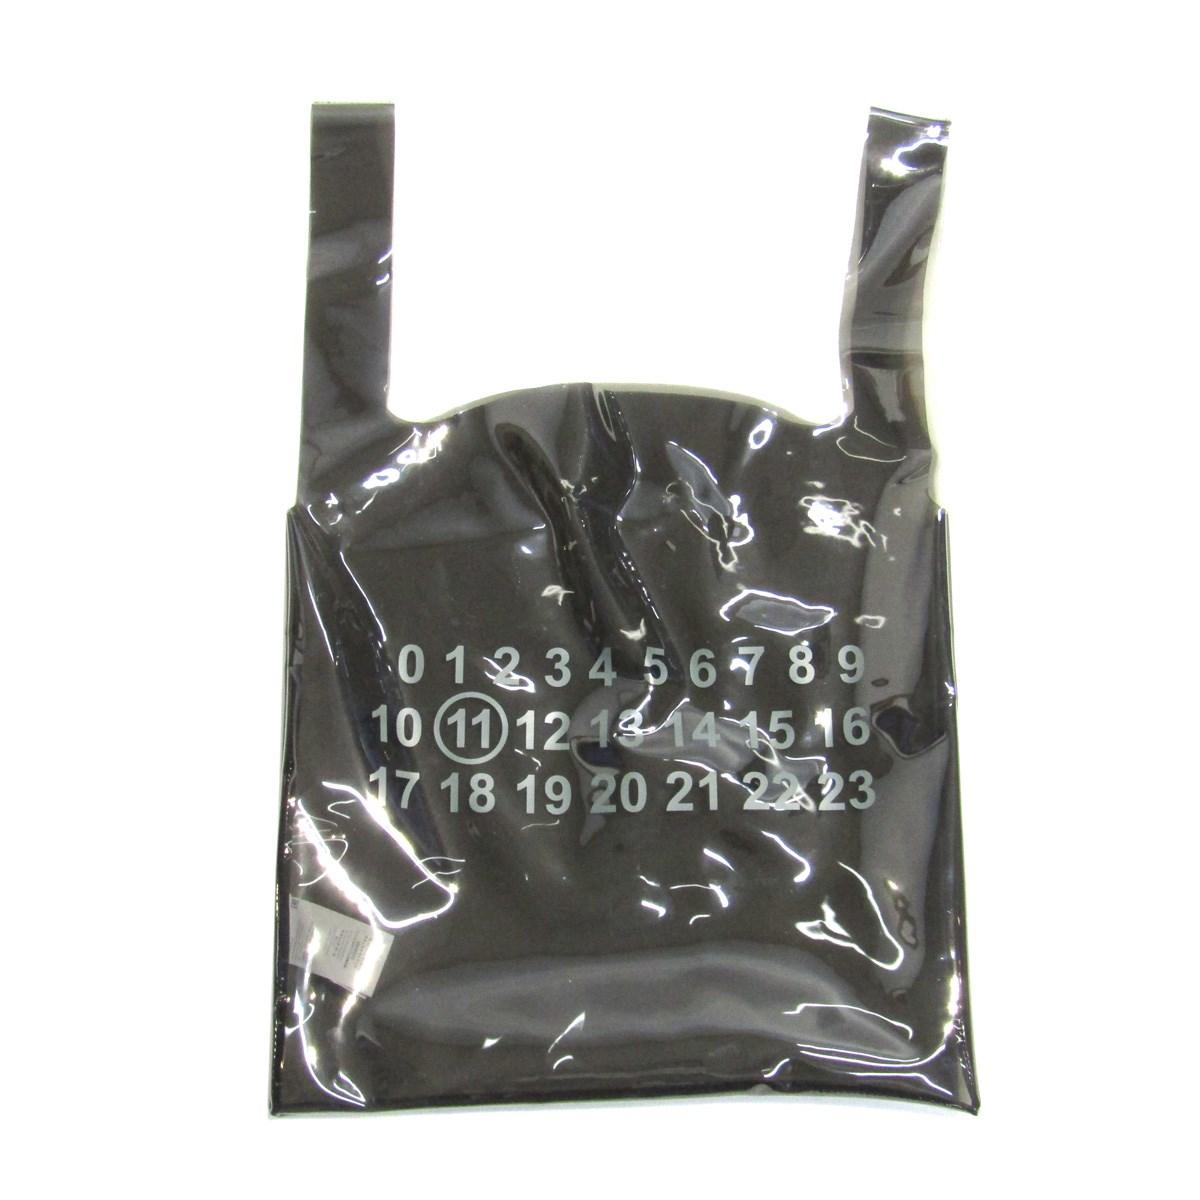 【中古】Martin Margiela 2019SS PVC SHOPPER TOTE BAG ショッパー型 トートバッグ ブラック 【220820】(マルタンマルジェラ)